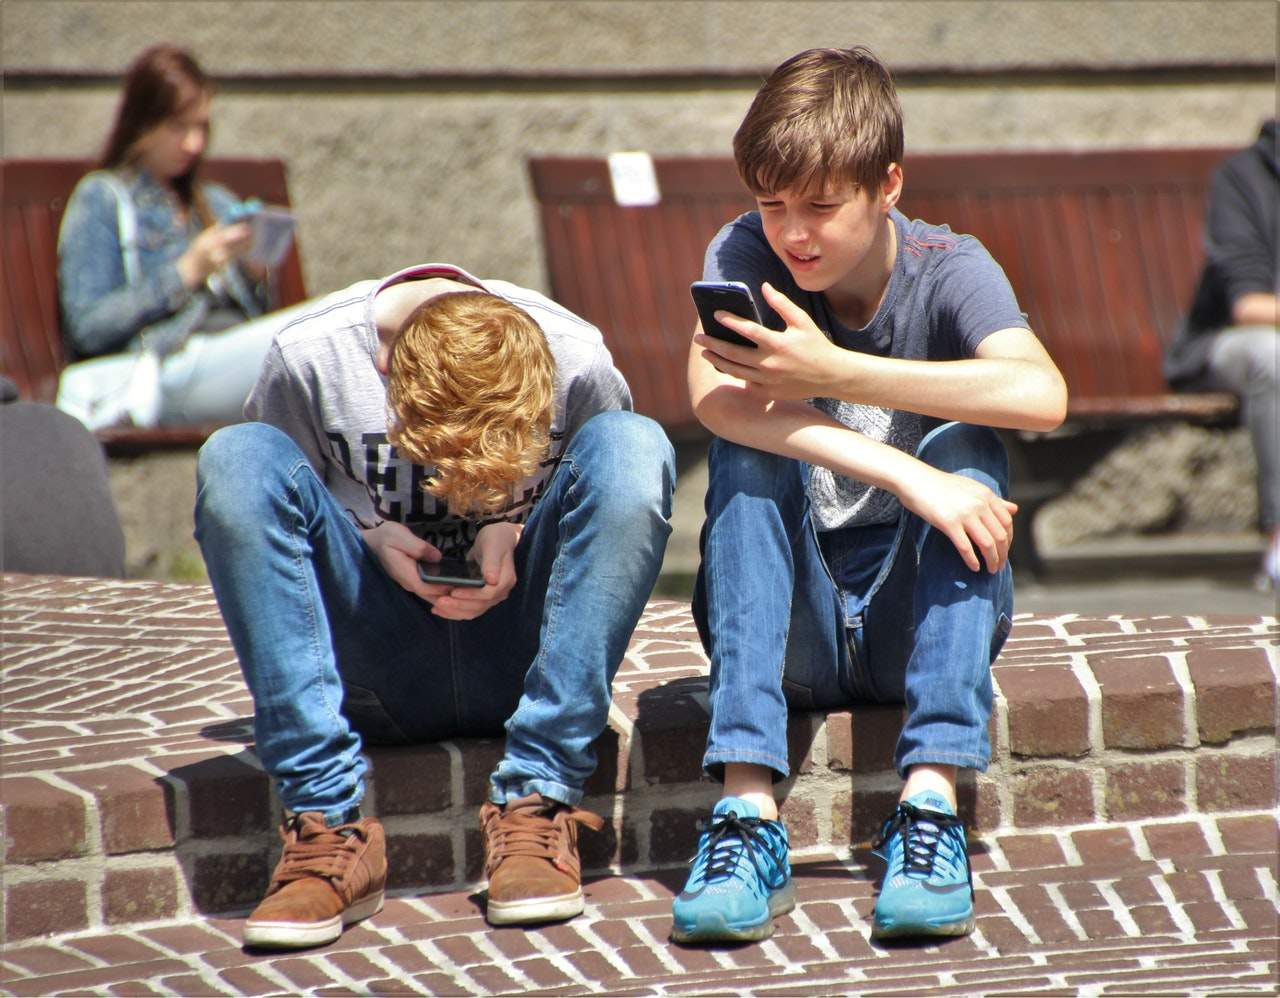 ¡Cuidado! Tus hijos saben cómo saltarse los controles parentales en los móviles 1